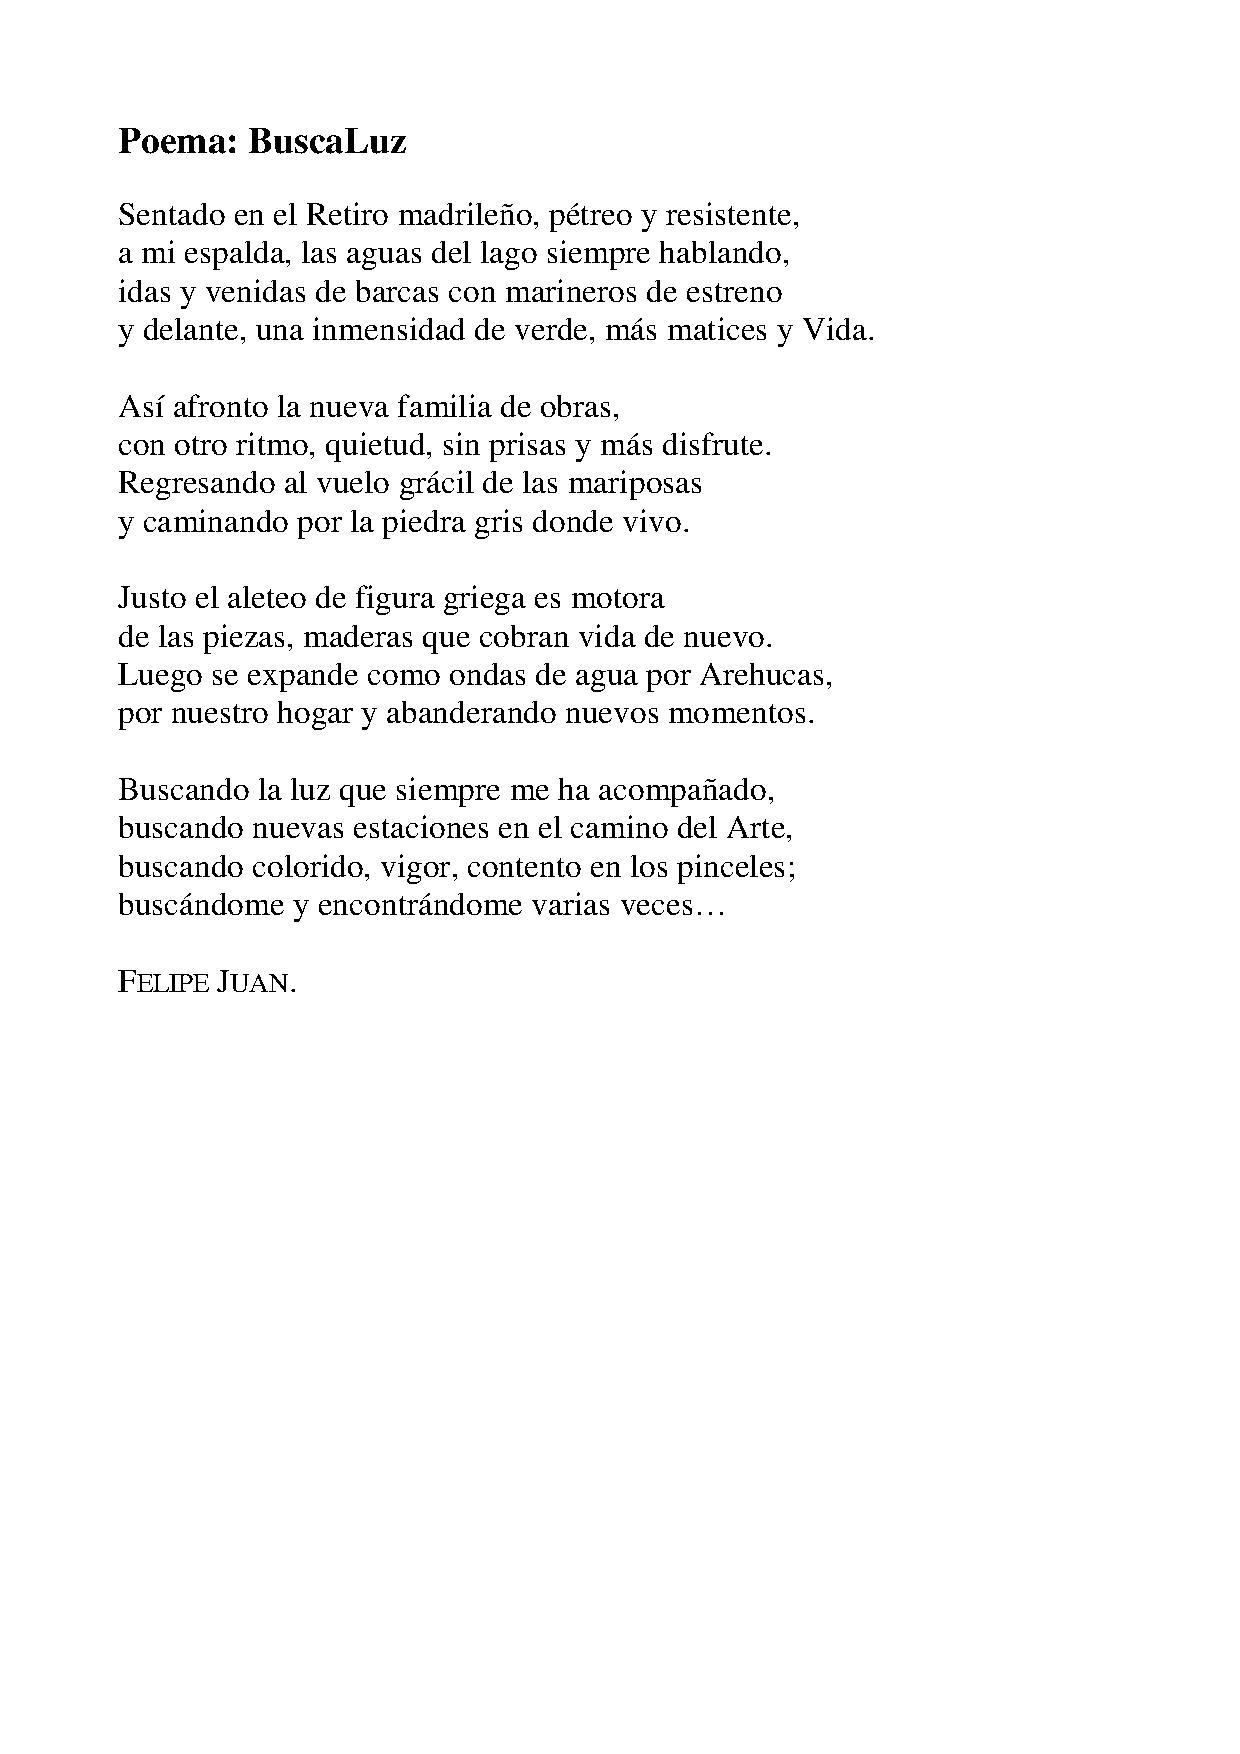 13_Exposición_BuscaLuz__Críticas_y_Poemas_.jpg